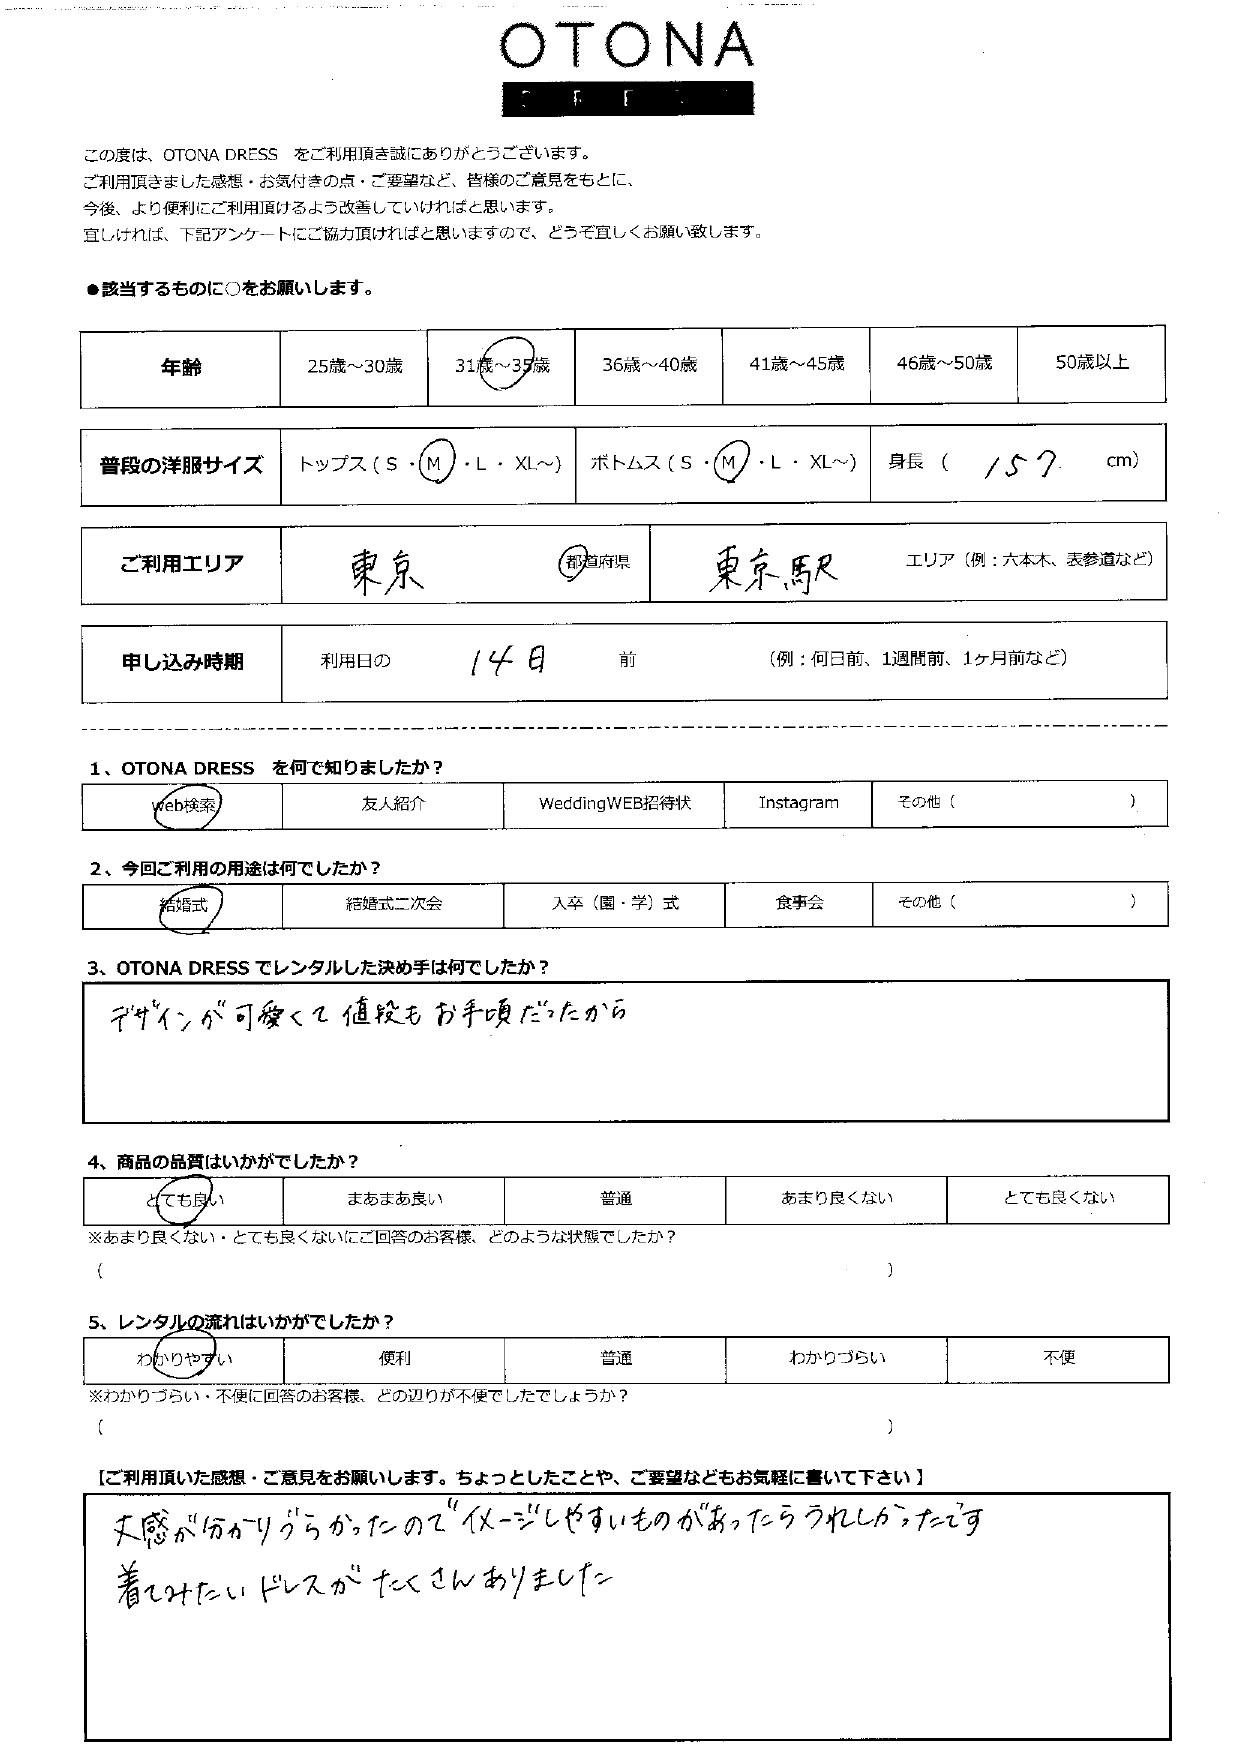 5/16結婚式ご利用 東京・東京駅エリア